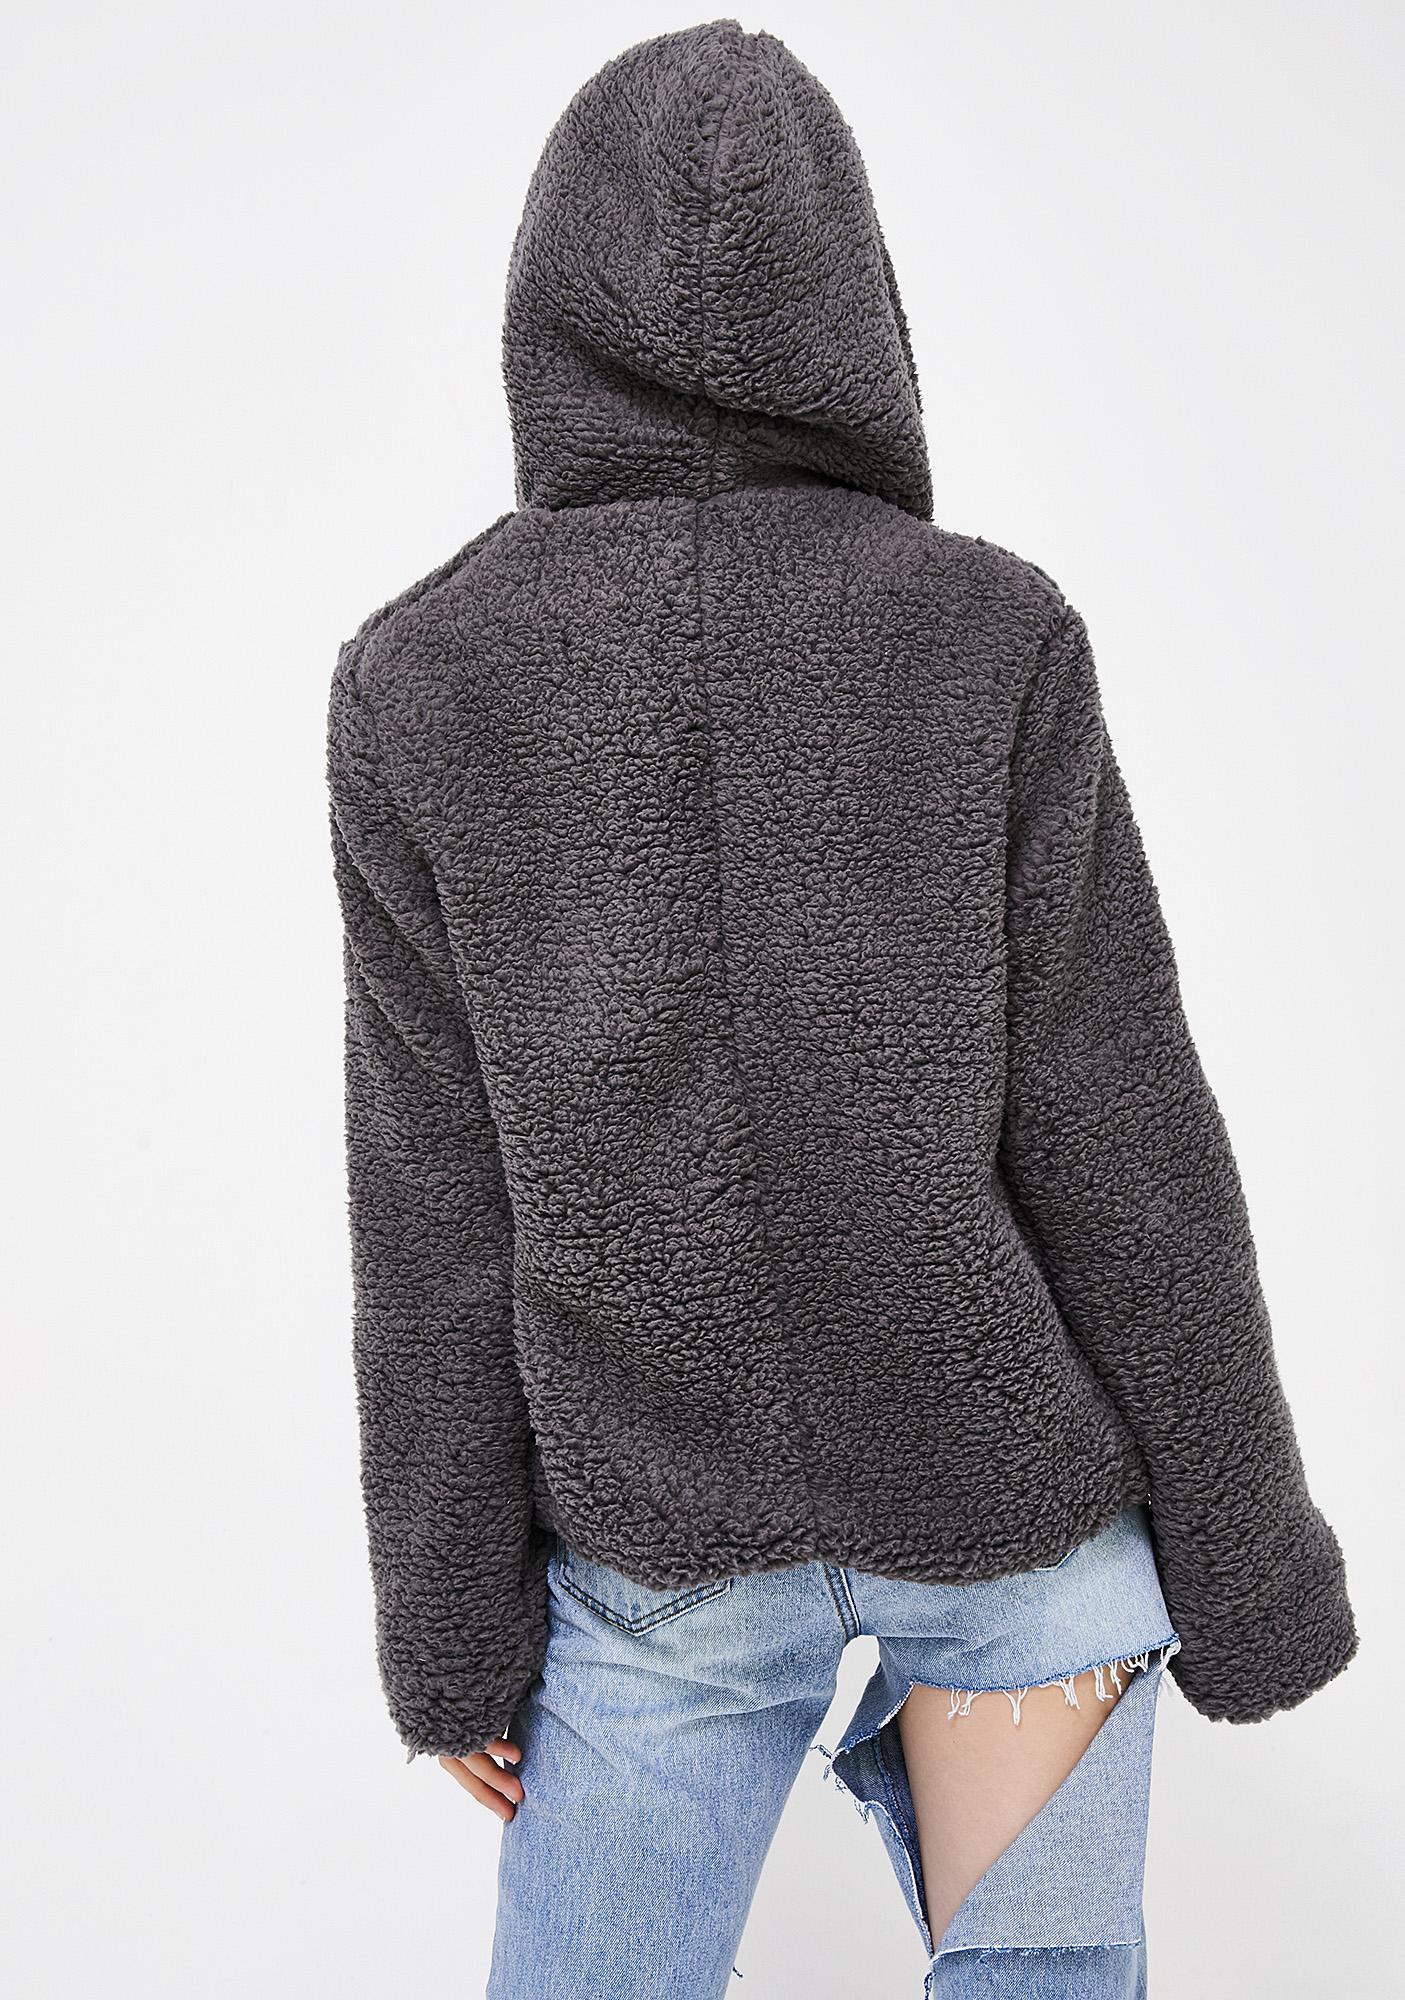 Cuddly BB Jacket